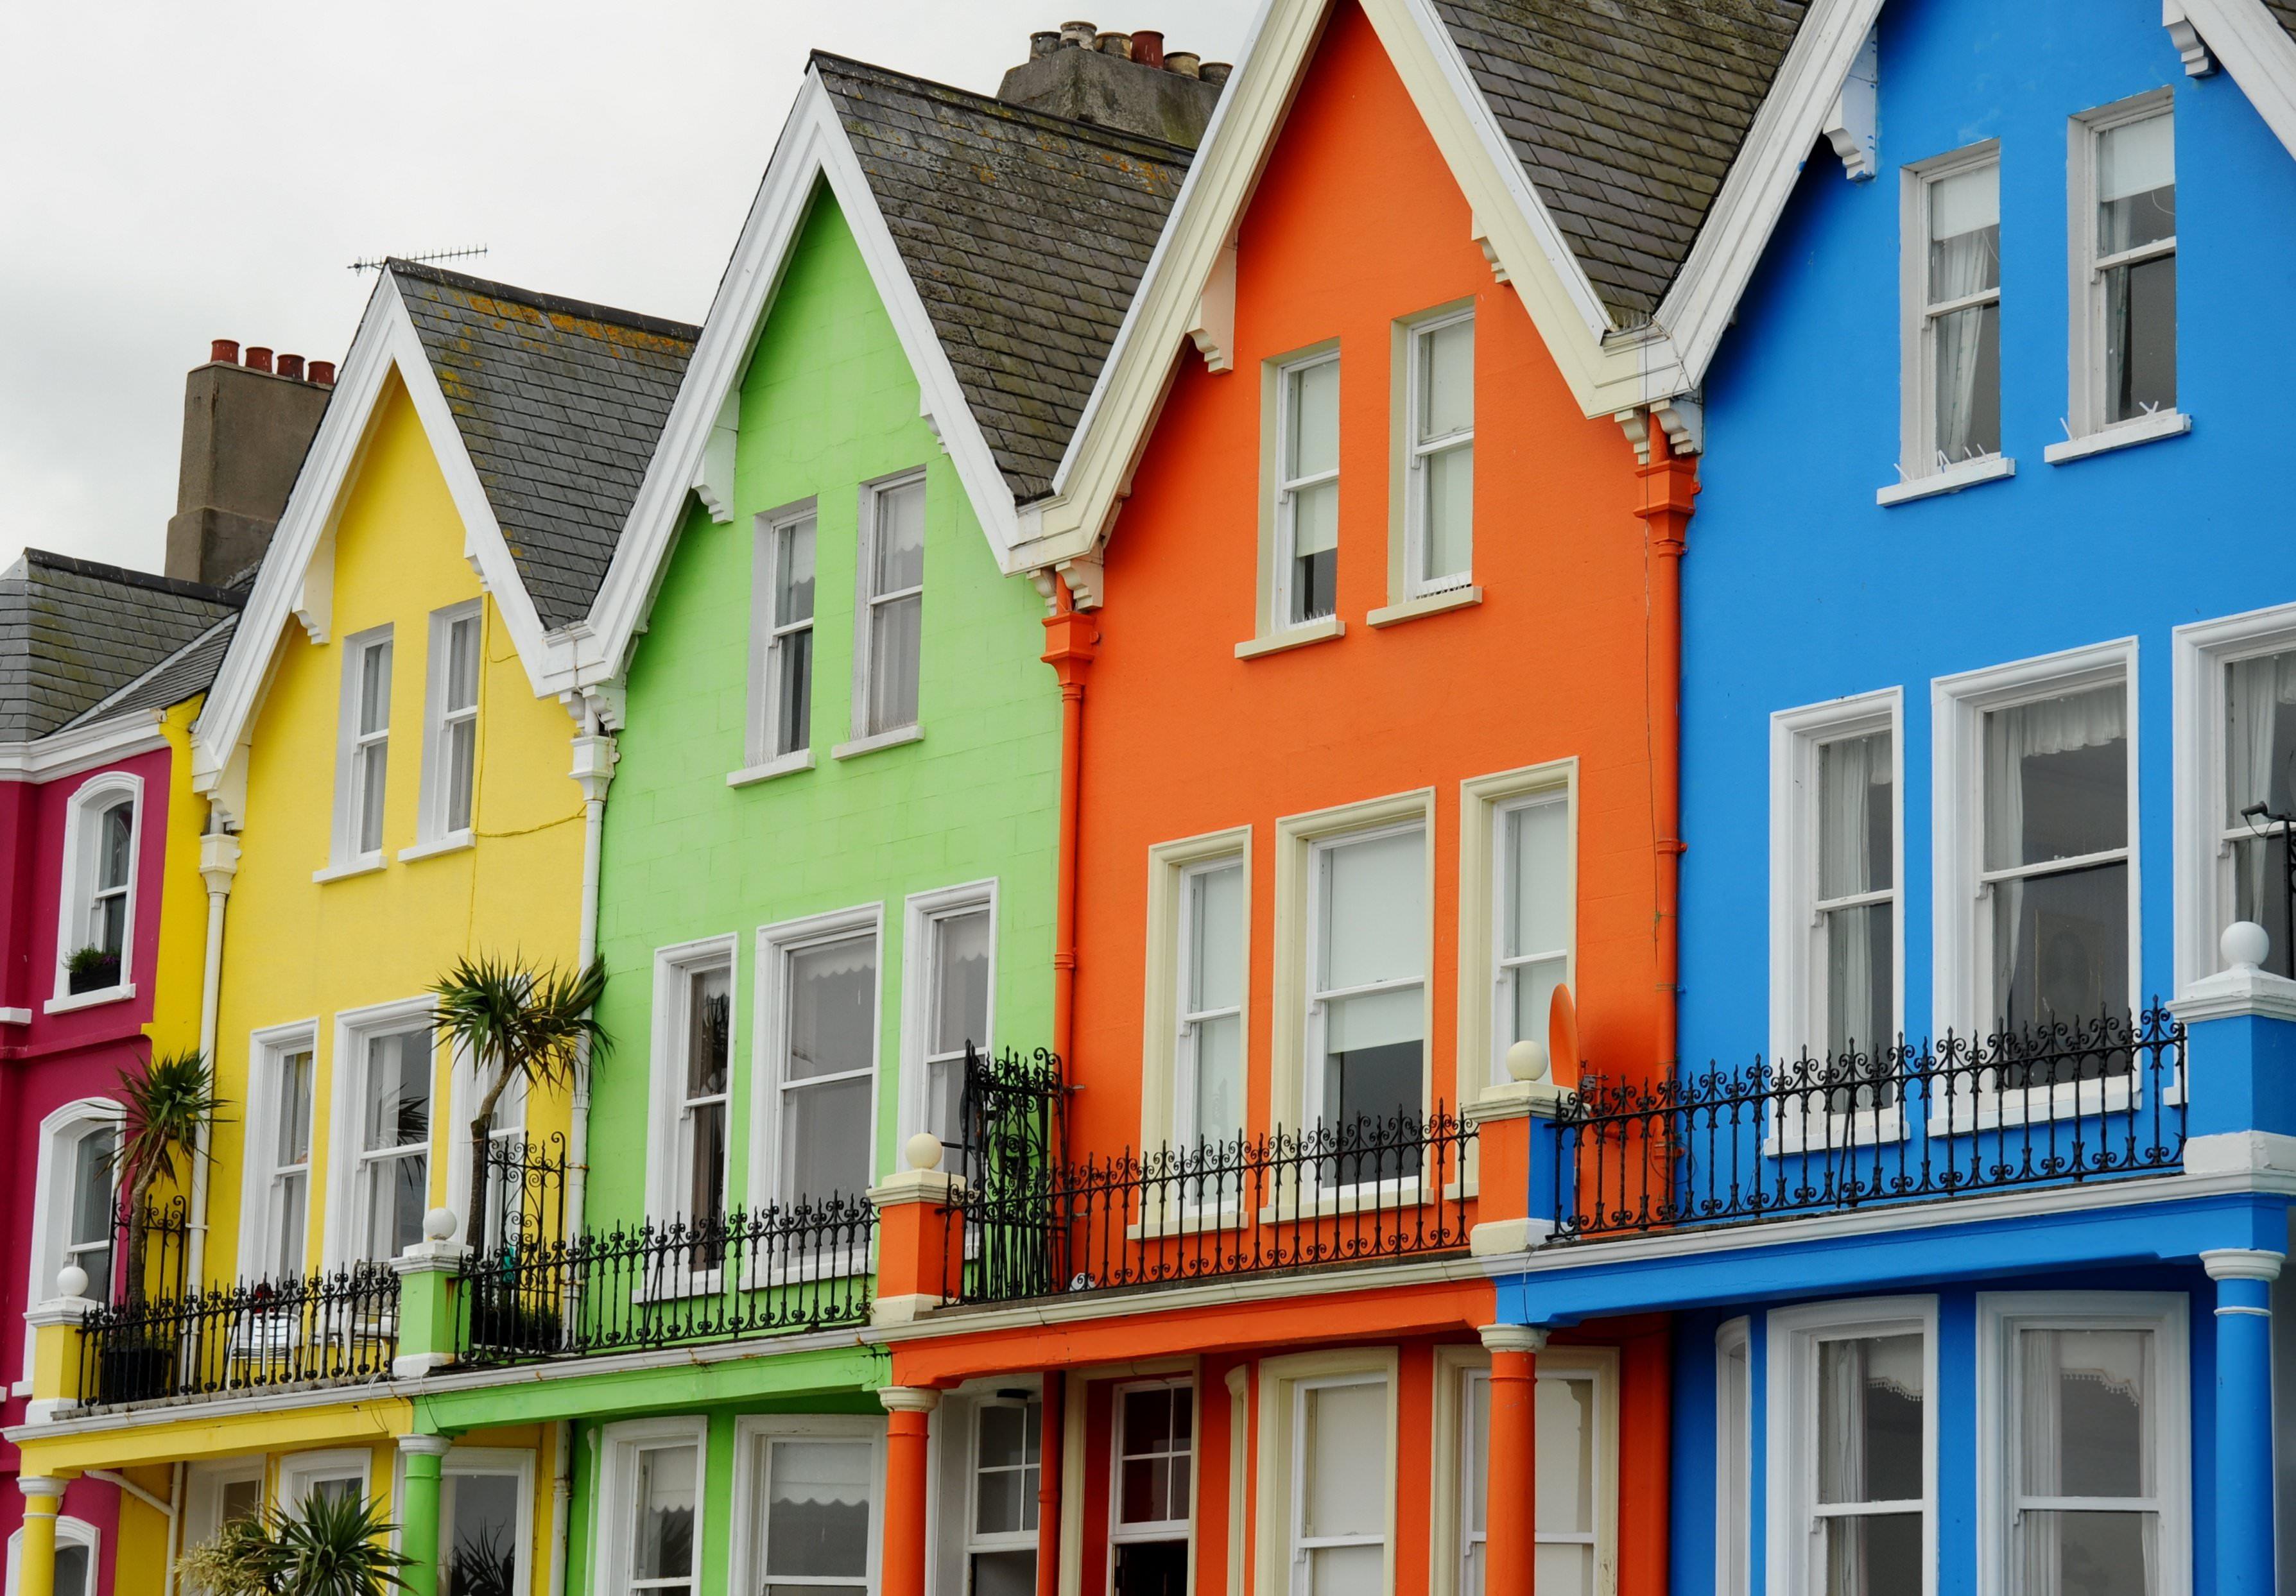 Tutti i colori nella nostra casa vogliacasa for Colori case moderne